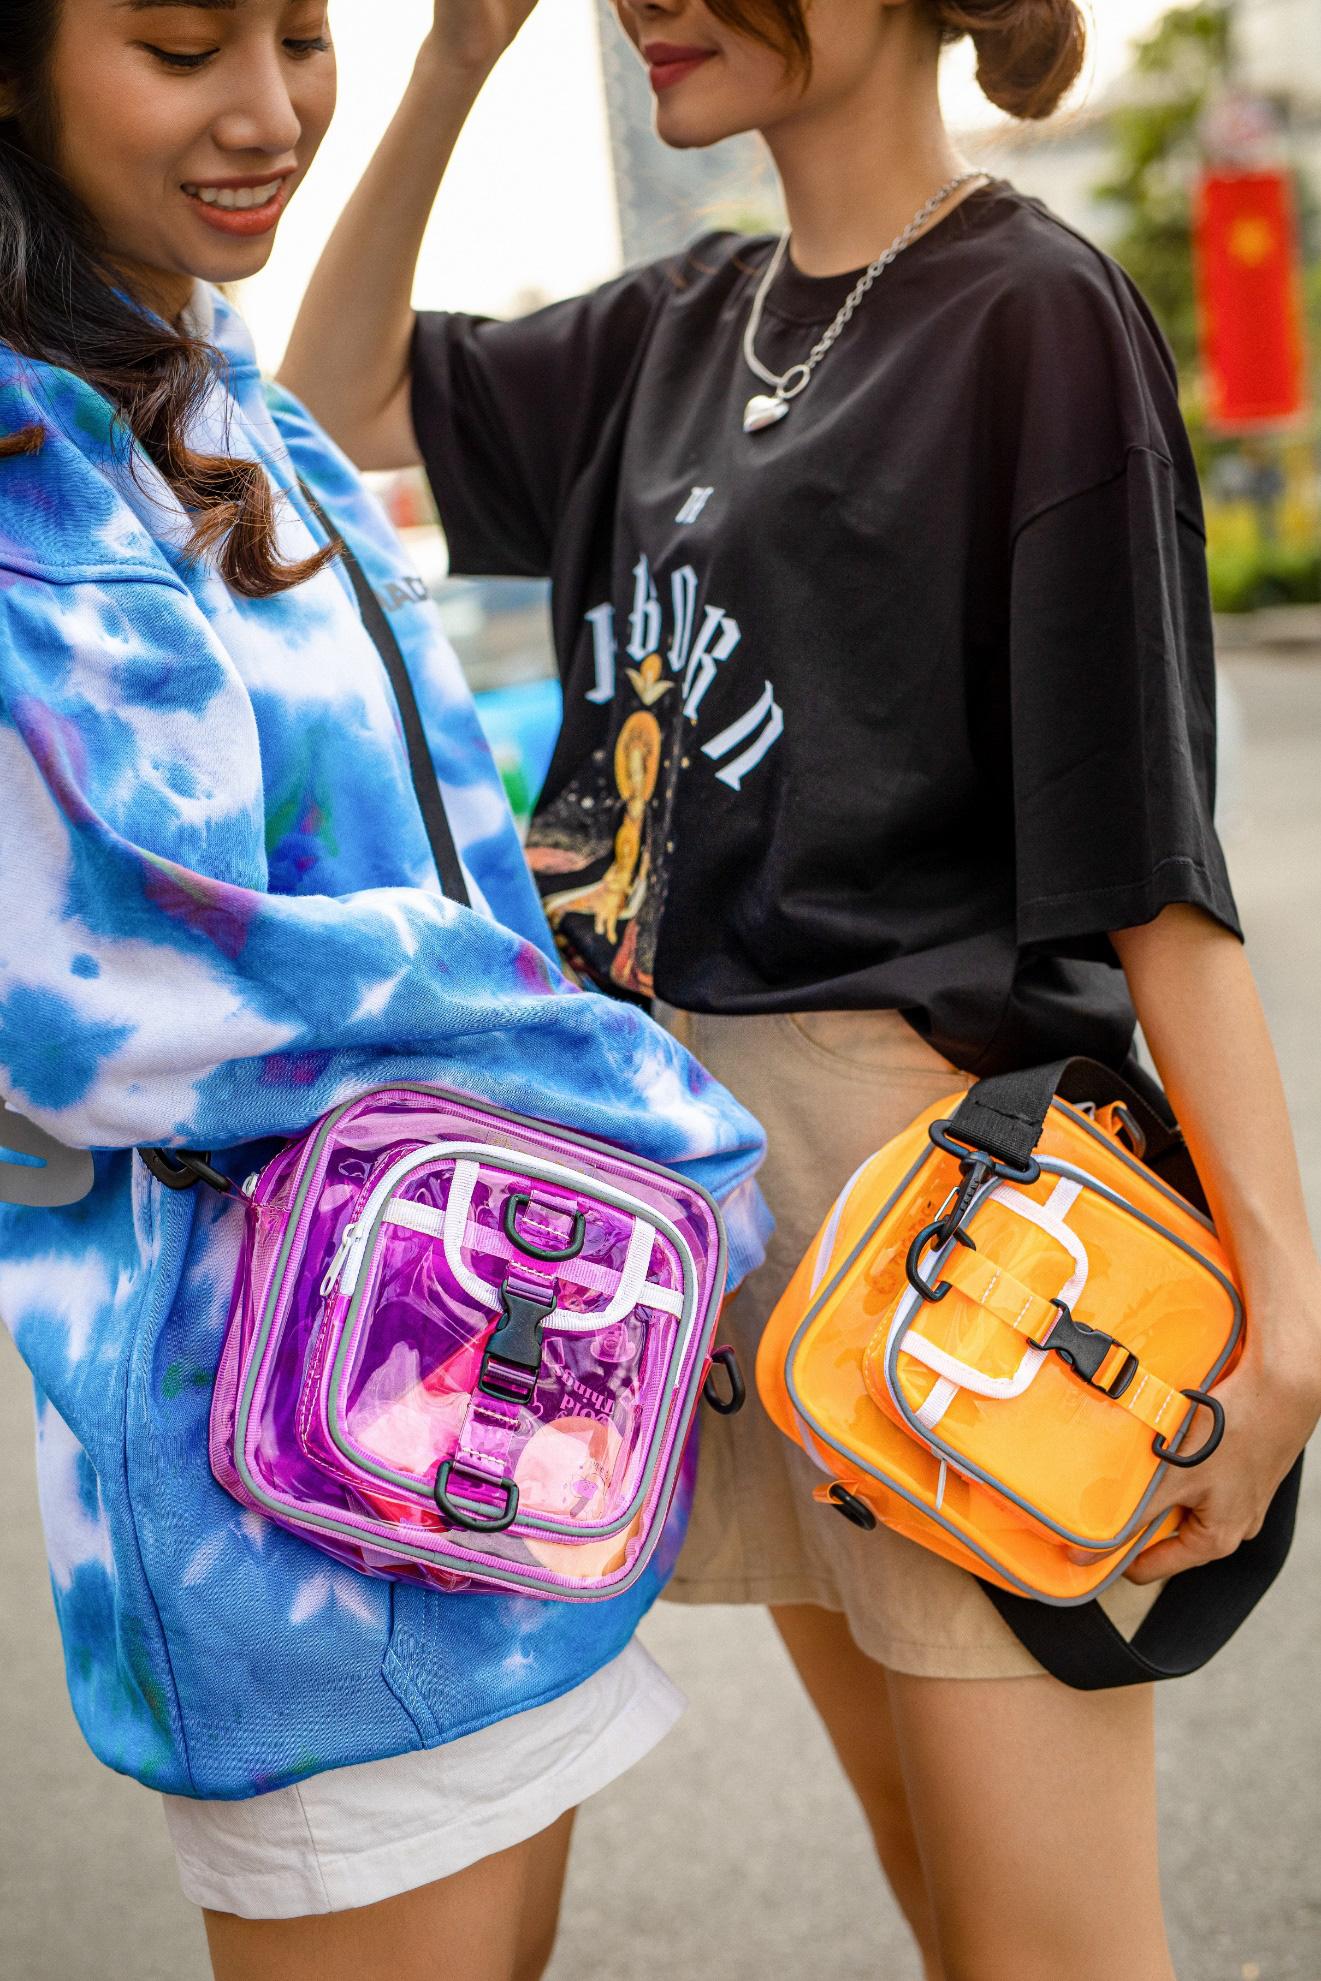 Chill Bag: Item chất lừ chinh phục đa dạng phong cách thời trang - Ảnh 1.